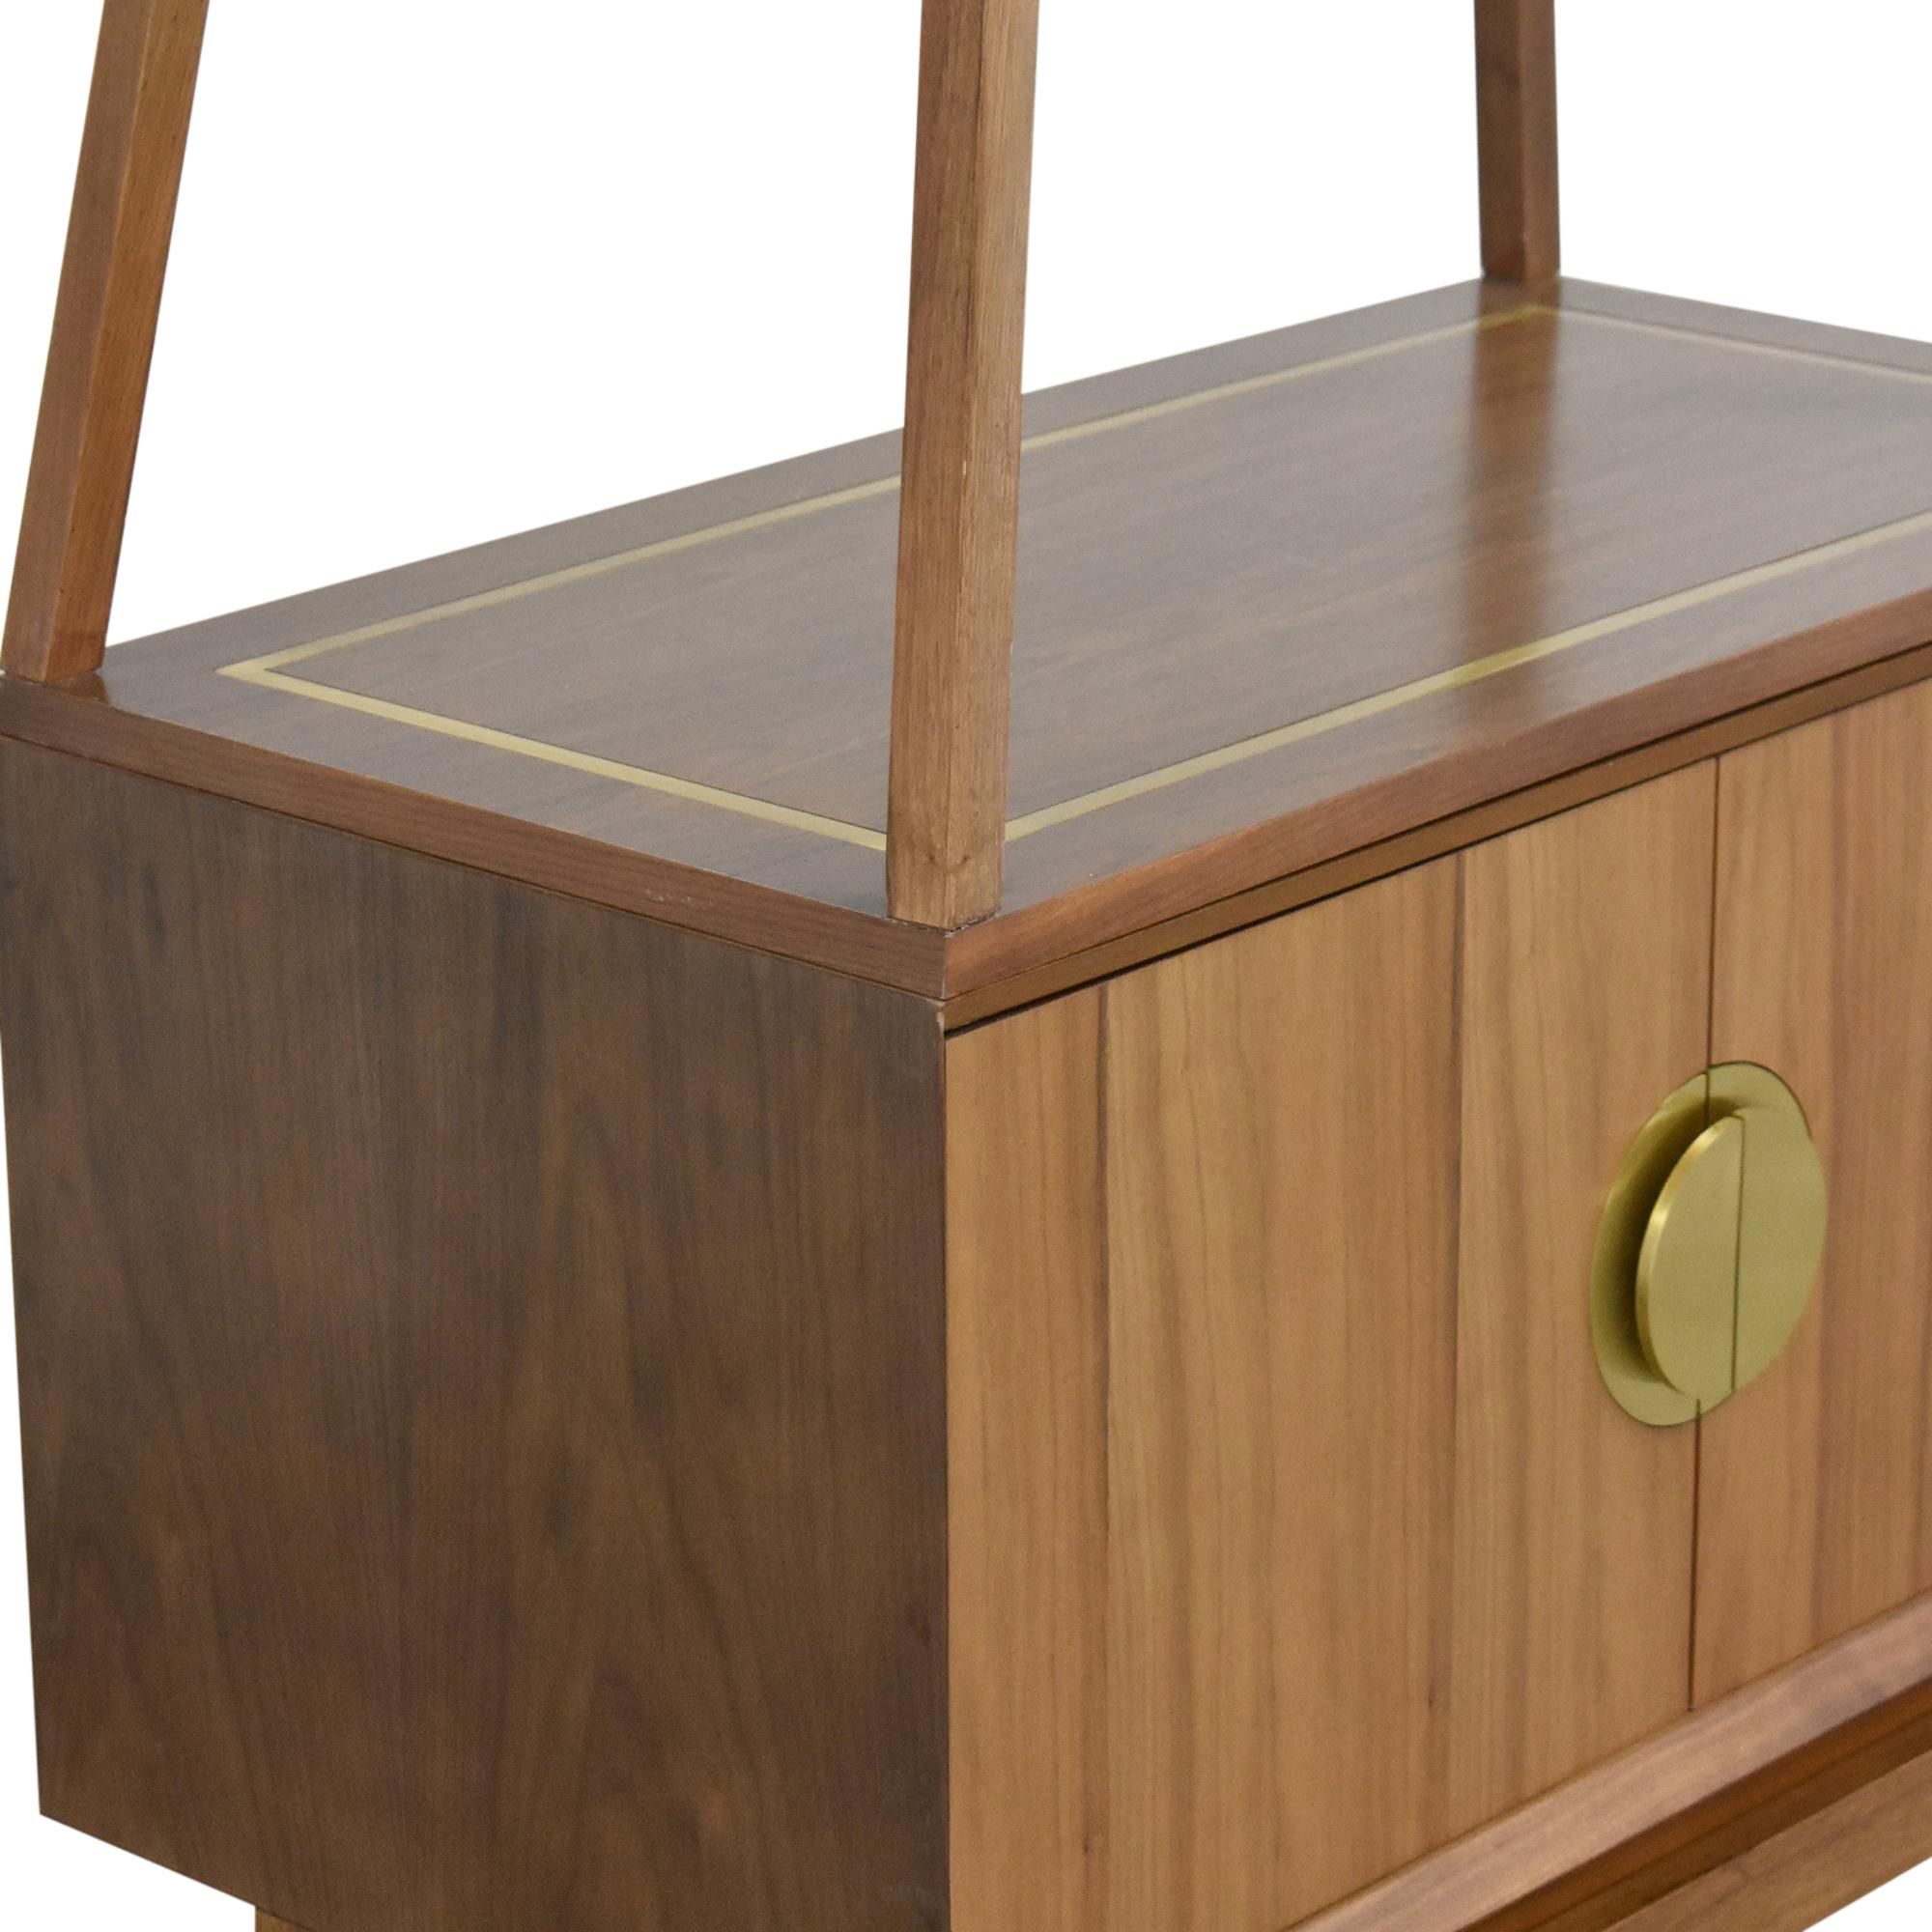 Jonathan Adler Jonathan Adler Claude 3 Piece Modular Etagere Bookcases & Shelving